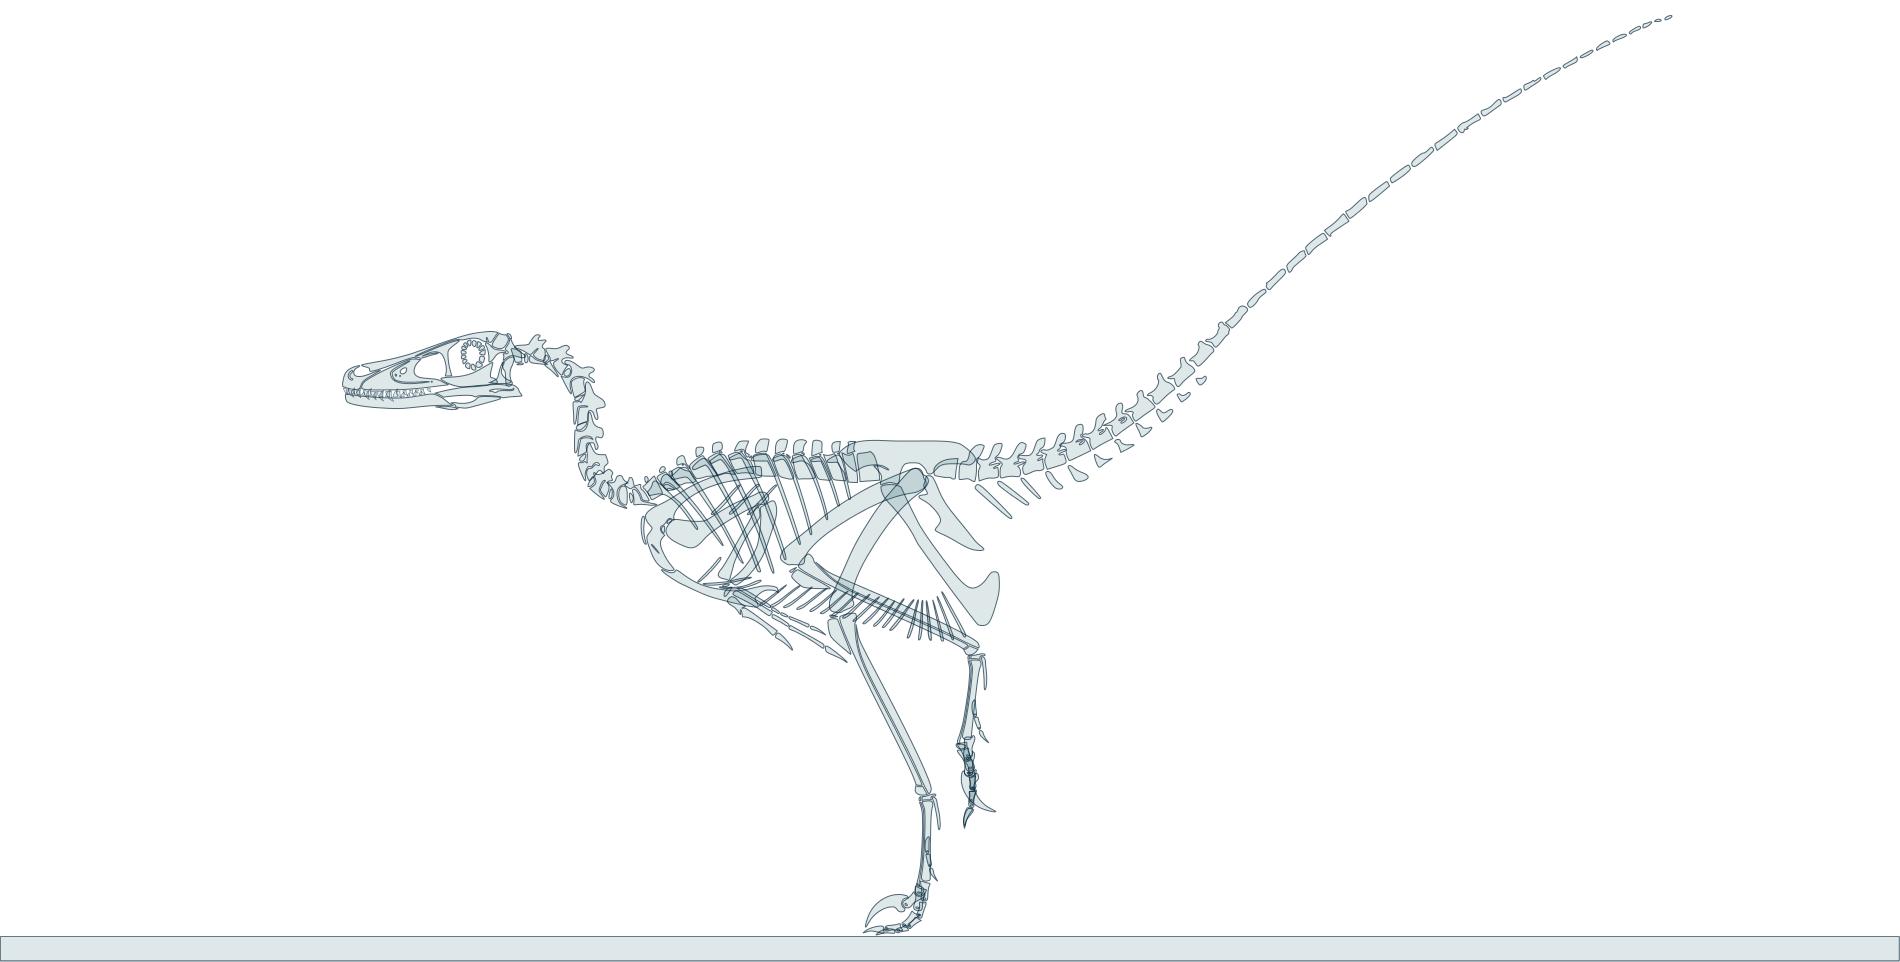 Velociraptor skeleton by oghaki - 194.3KB